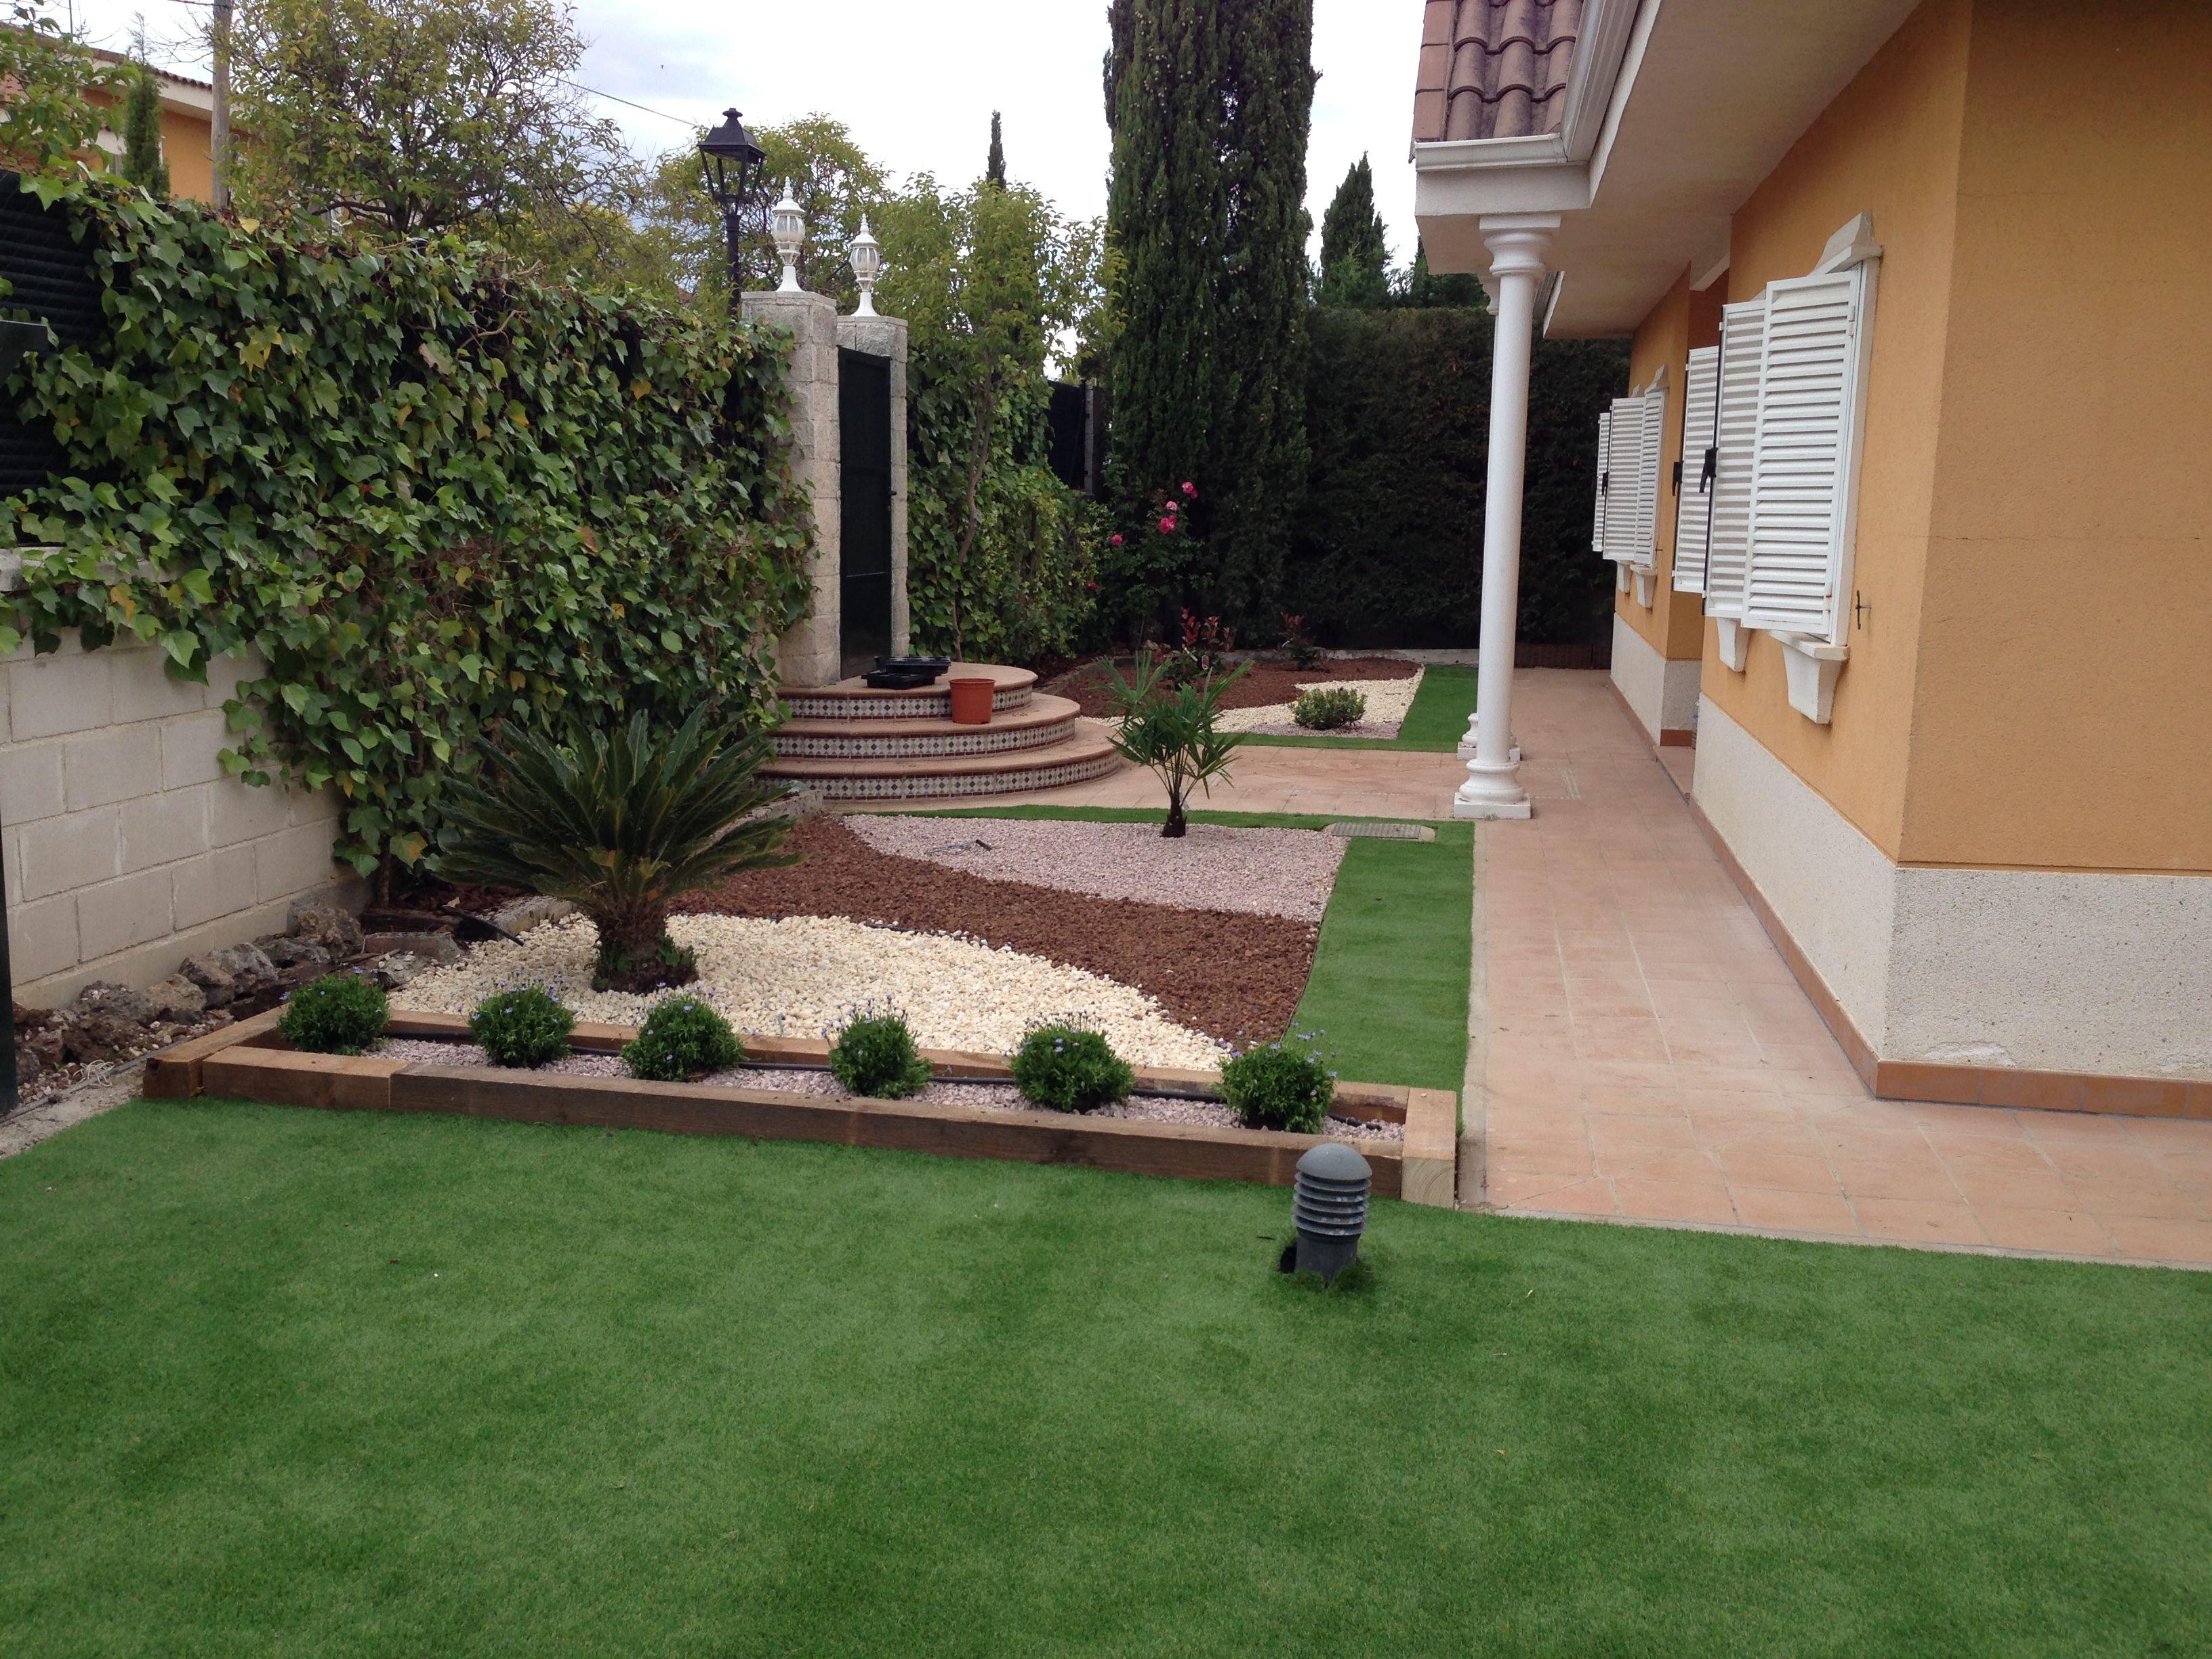 Estupendo jardin sostenible y ejemplar que combina c sped for Piedras decorativas jardin precio